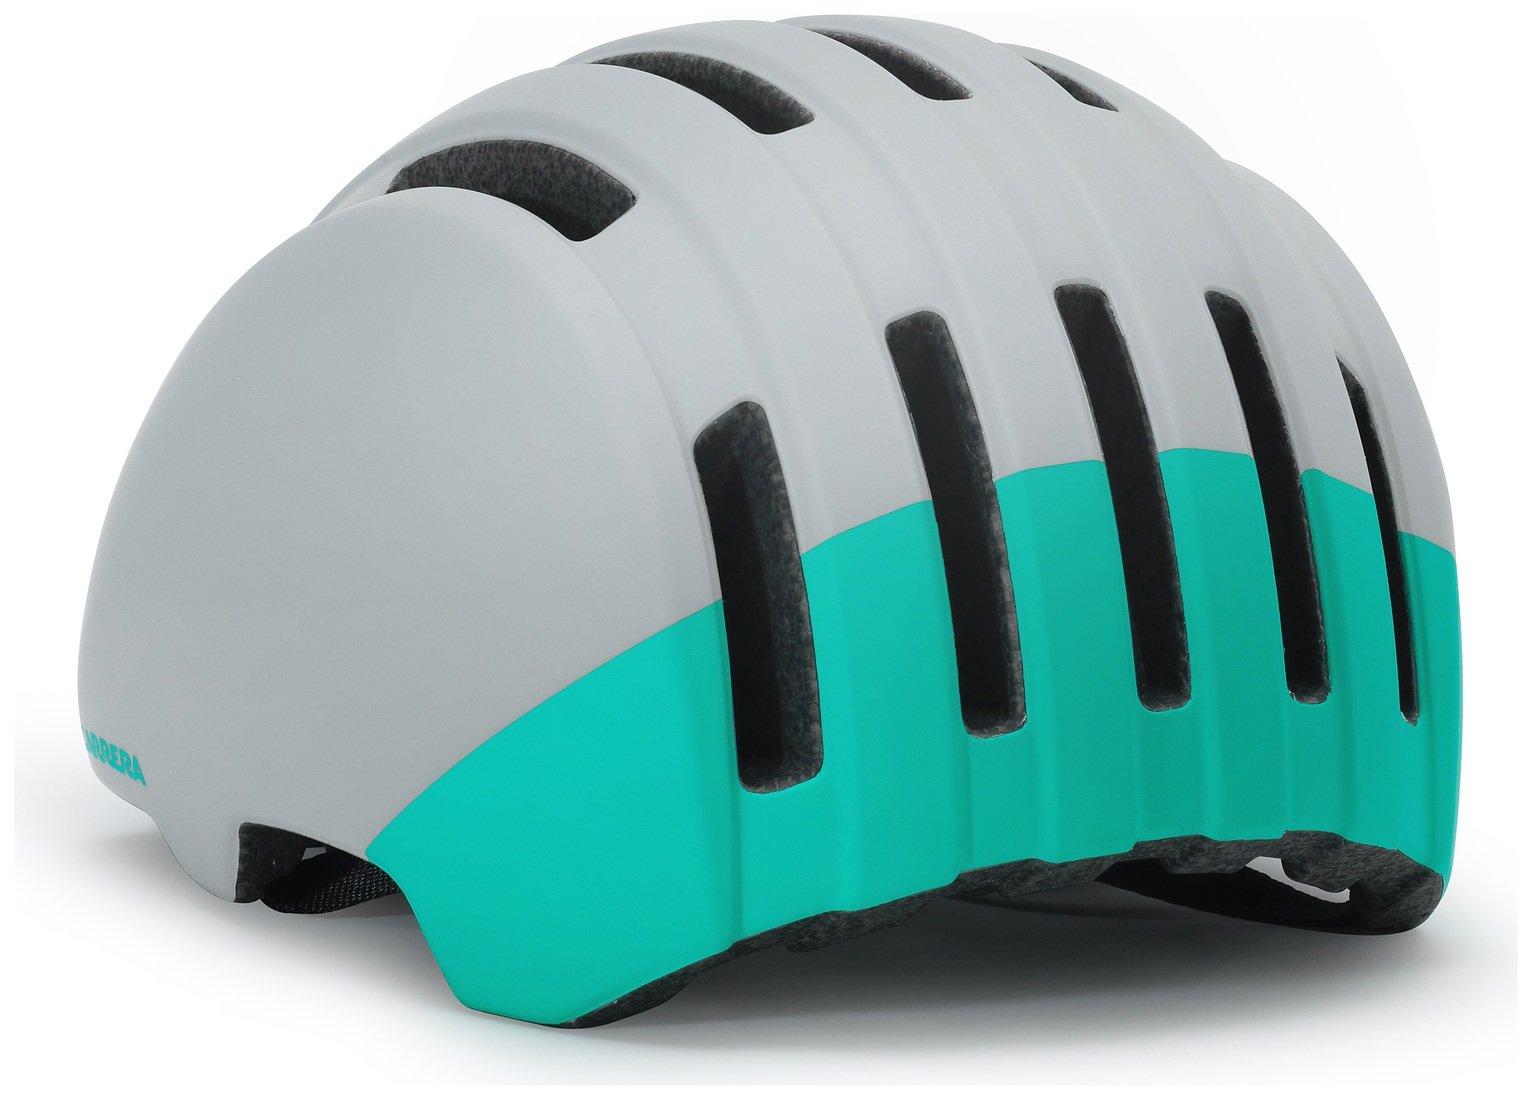 Image of Carrera Precinct Helmet - Matte Frost & Opal